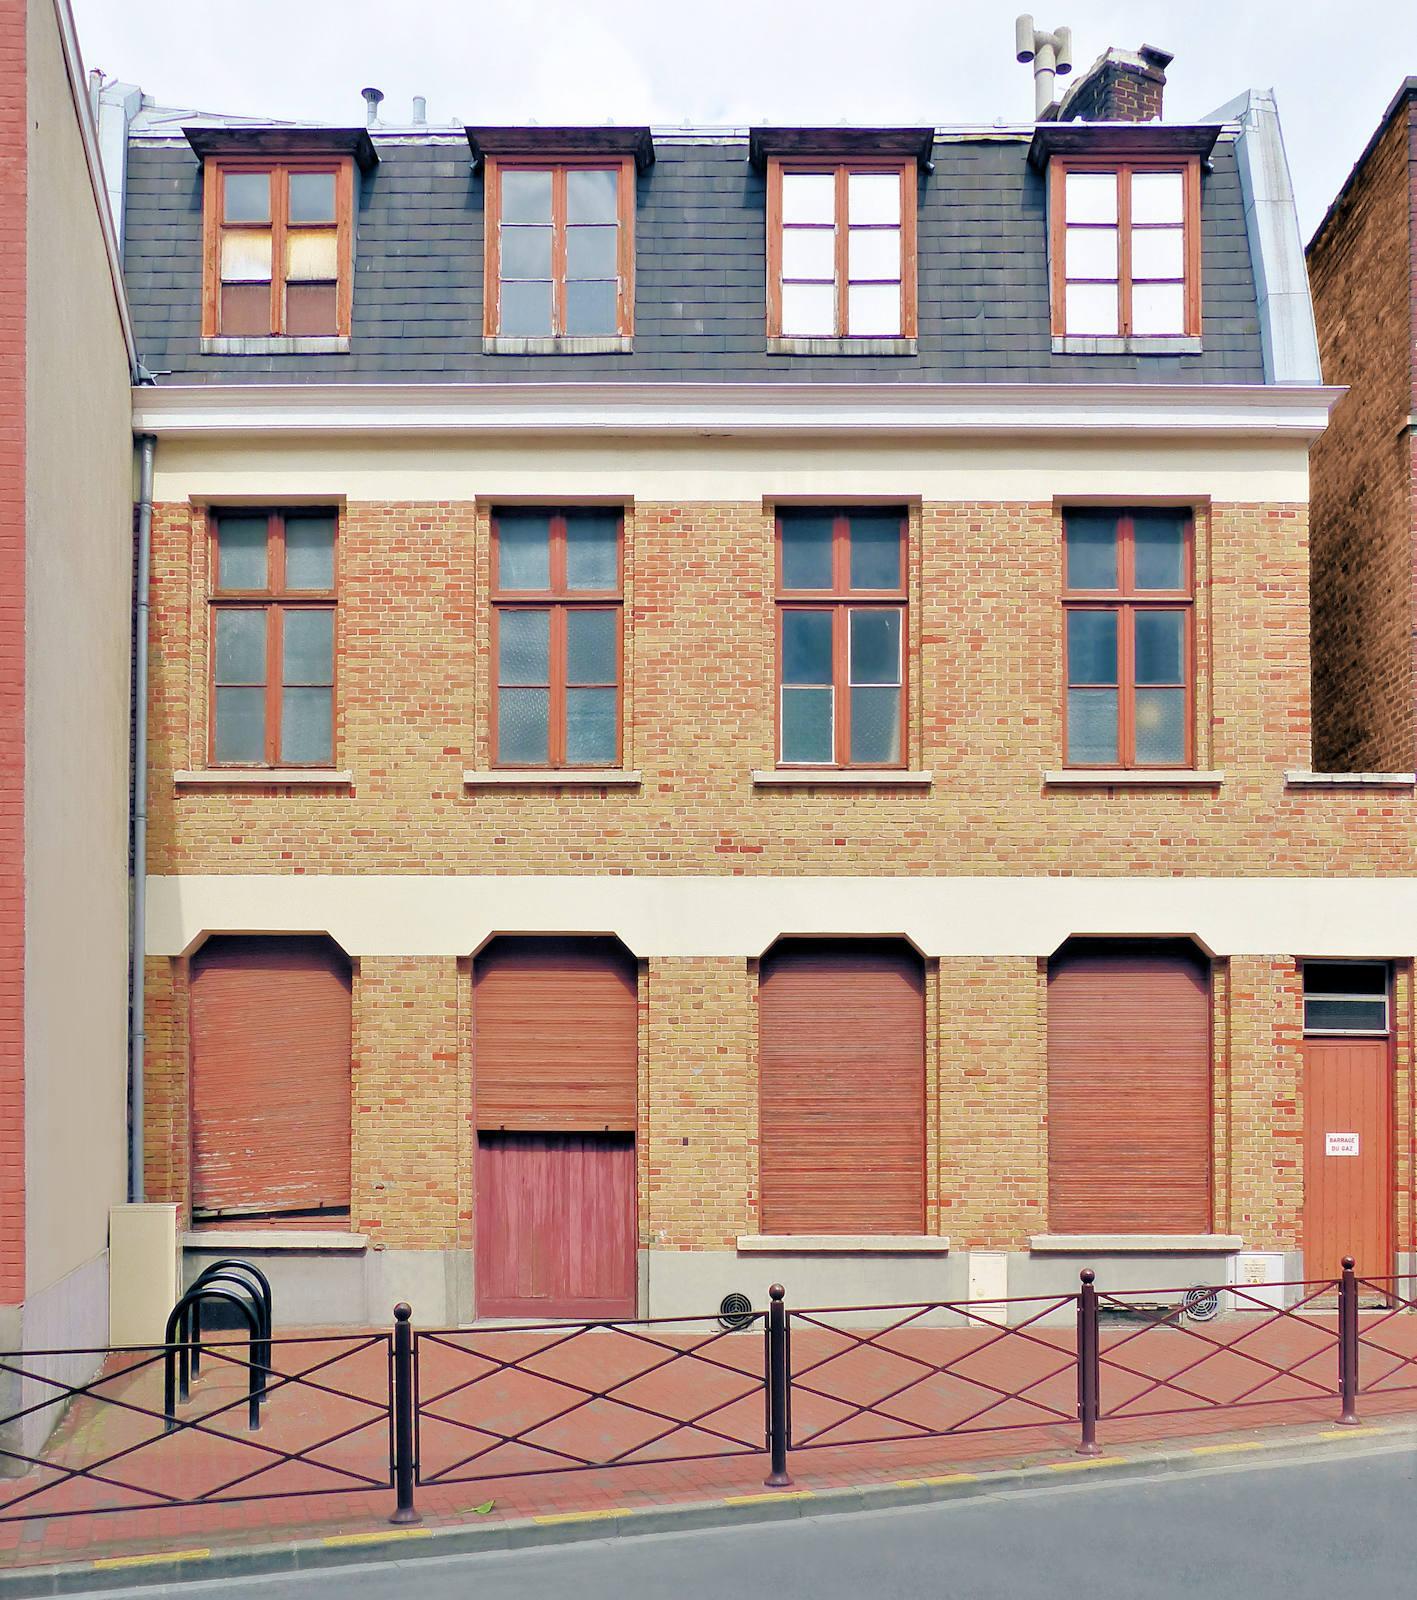 Maison rue des Anges, Tourcoing - Bâtiment annexe de l'École primaire CNDI